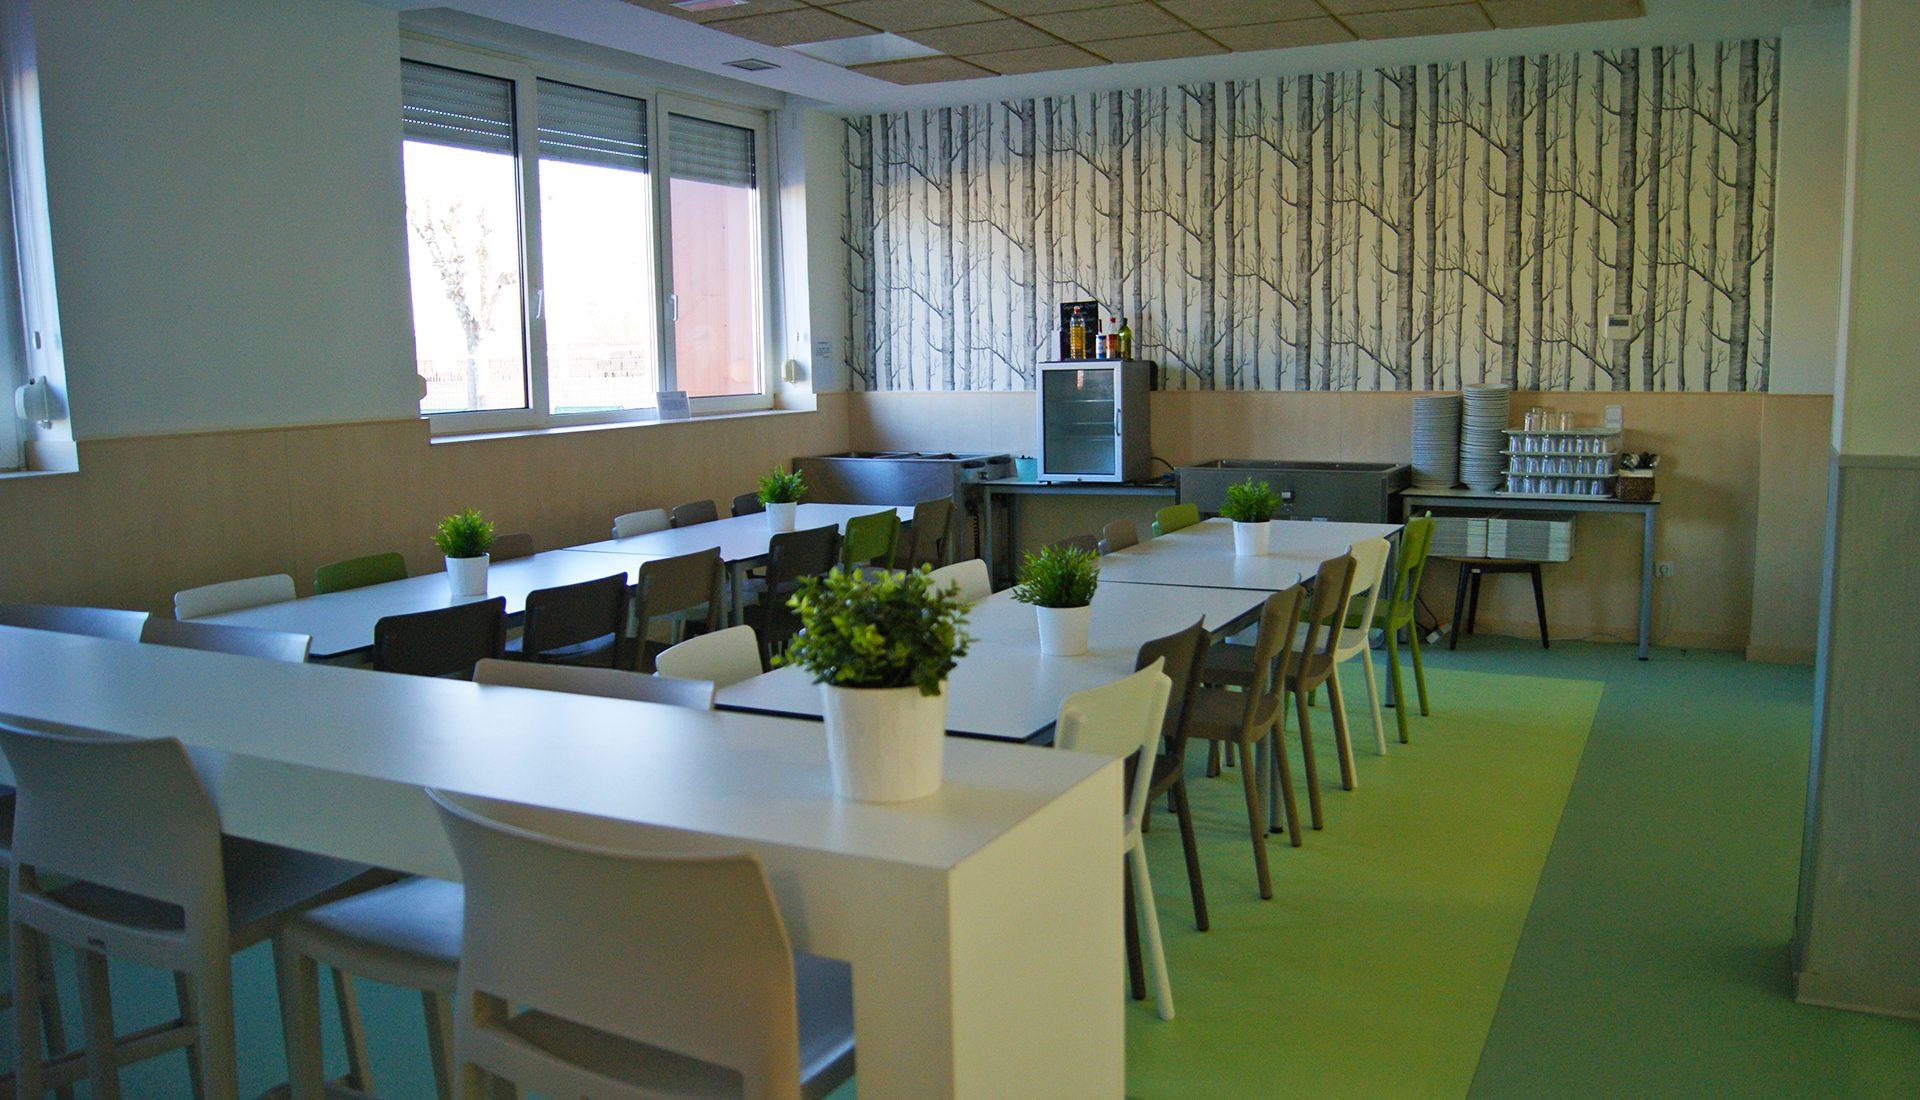 Instalaciones - Comedor/After Lunch de Profesores y personal del centro